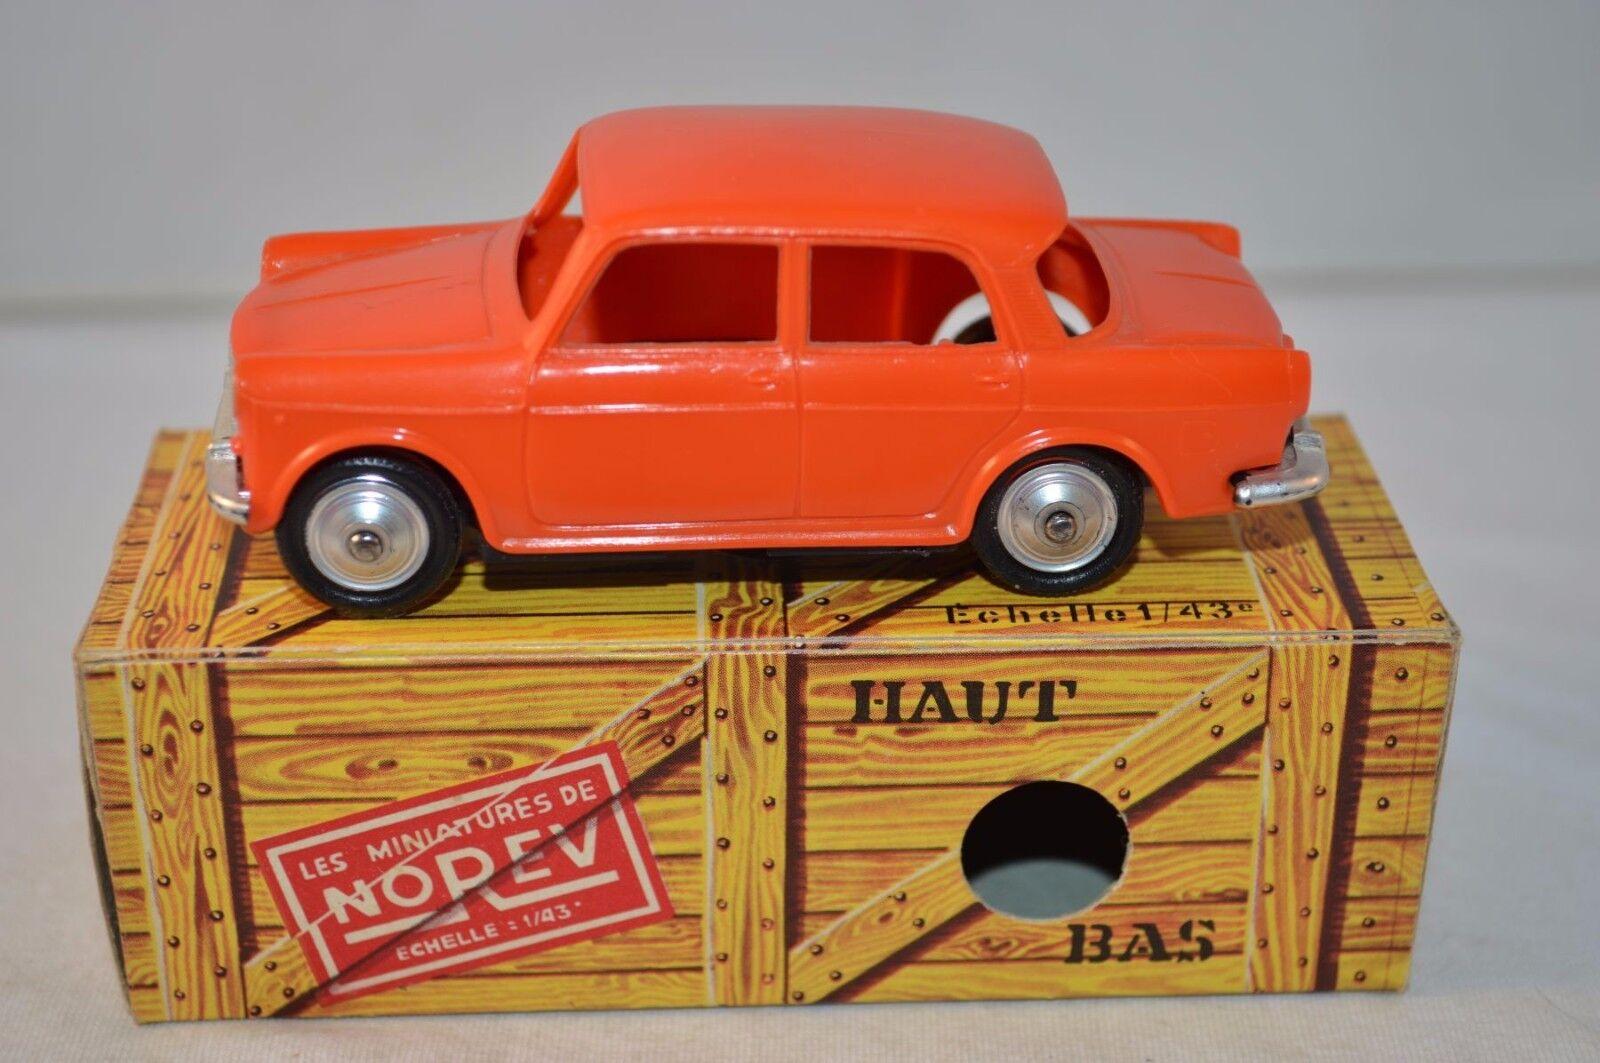 Norev 36 fiat 1100 d das rote perfekt mint in box ausgezeichnet